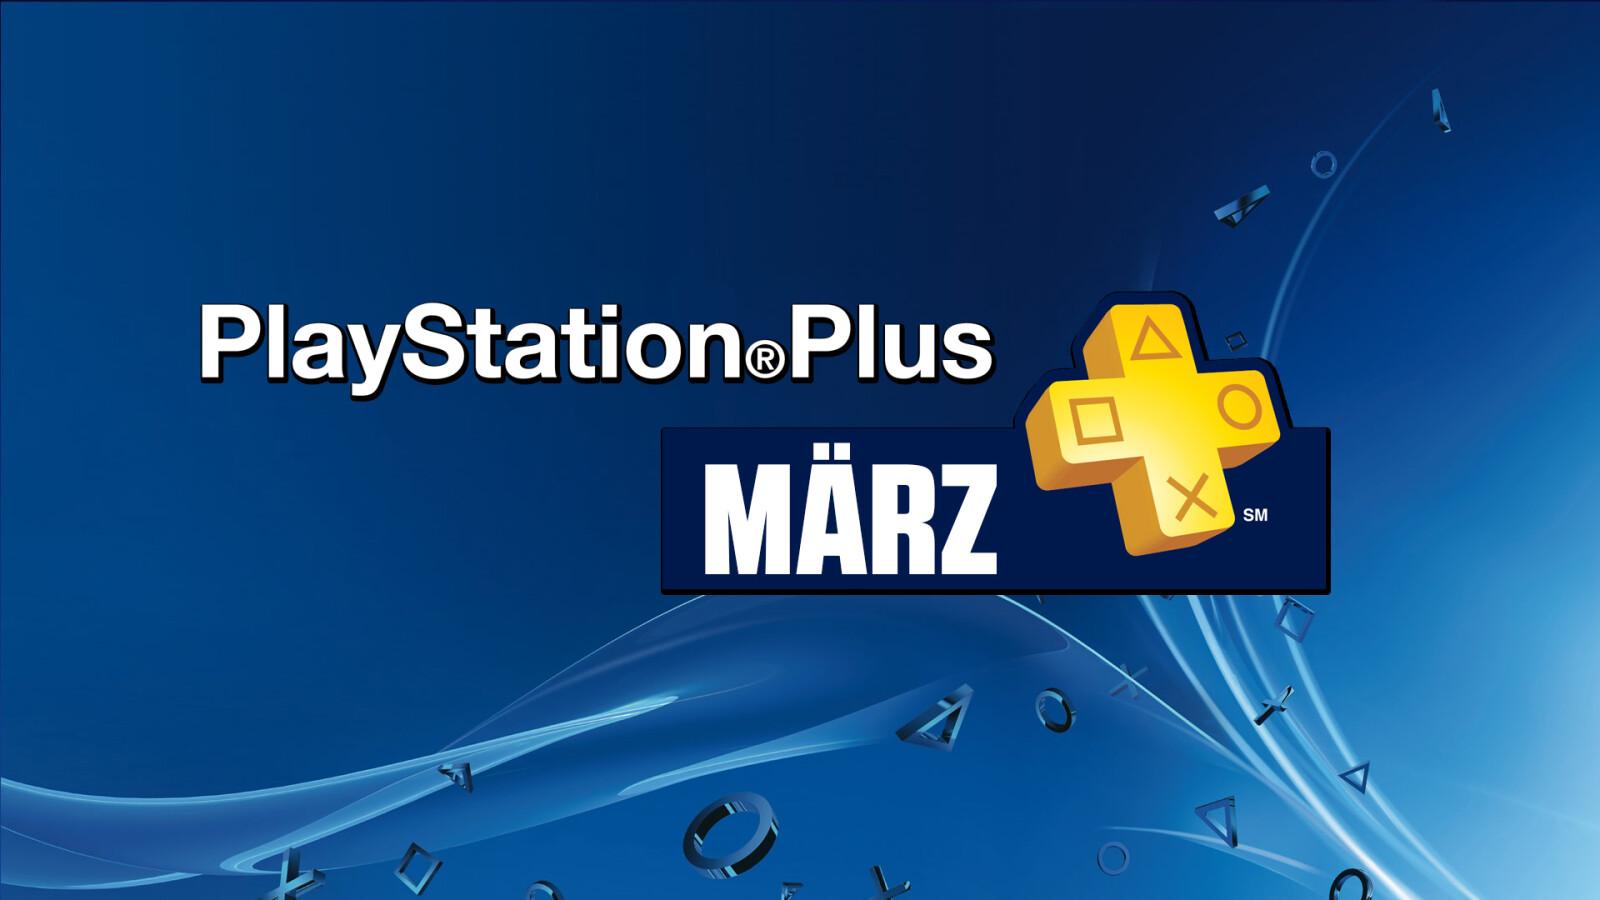 PS Plus - März: Sony gibt kostenlose Spiele bekannt